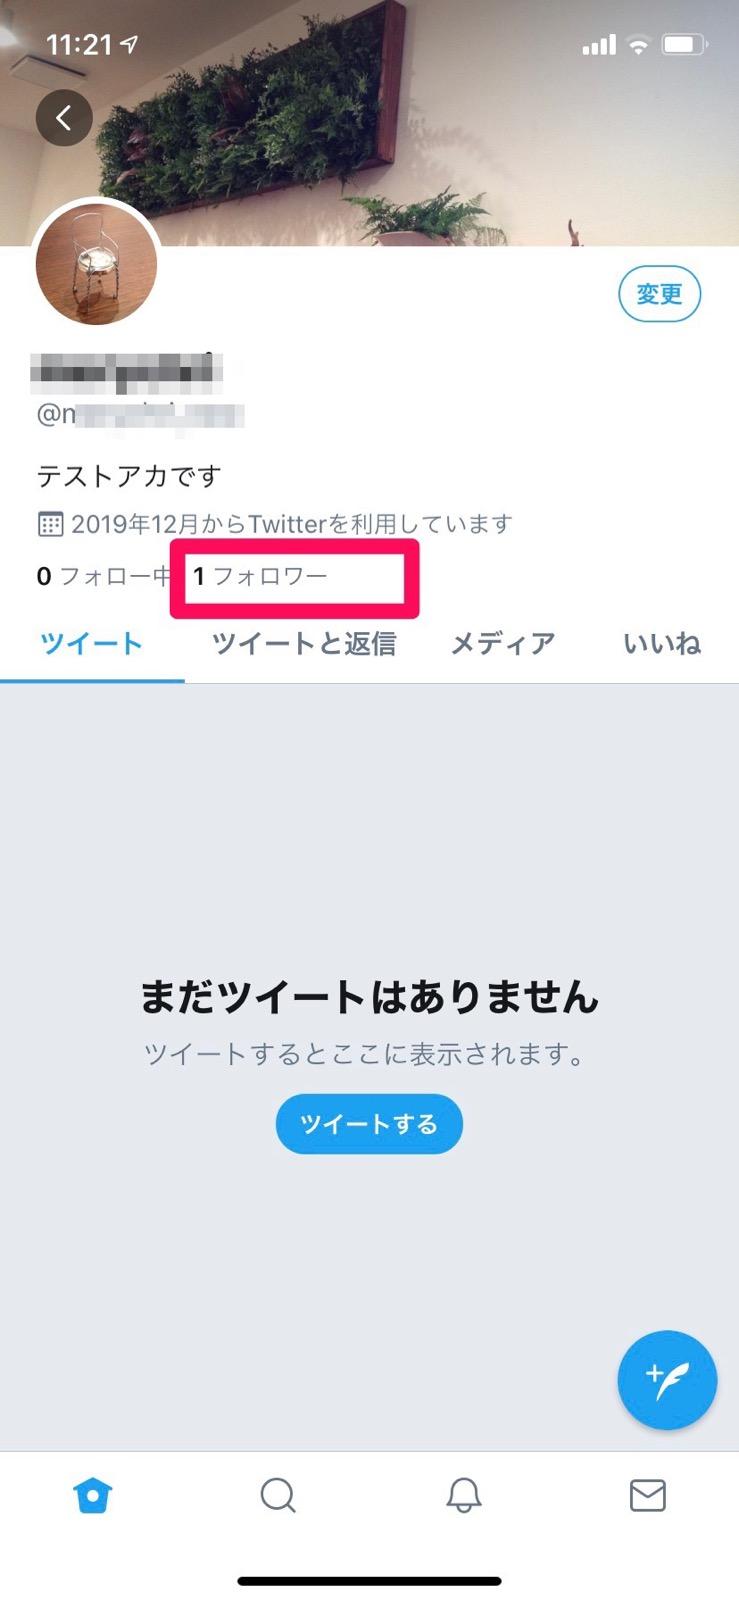 ない Twitter ばれ